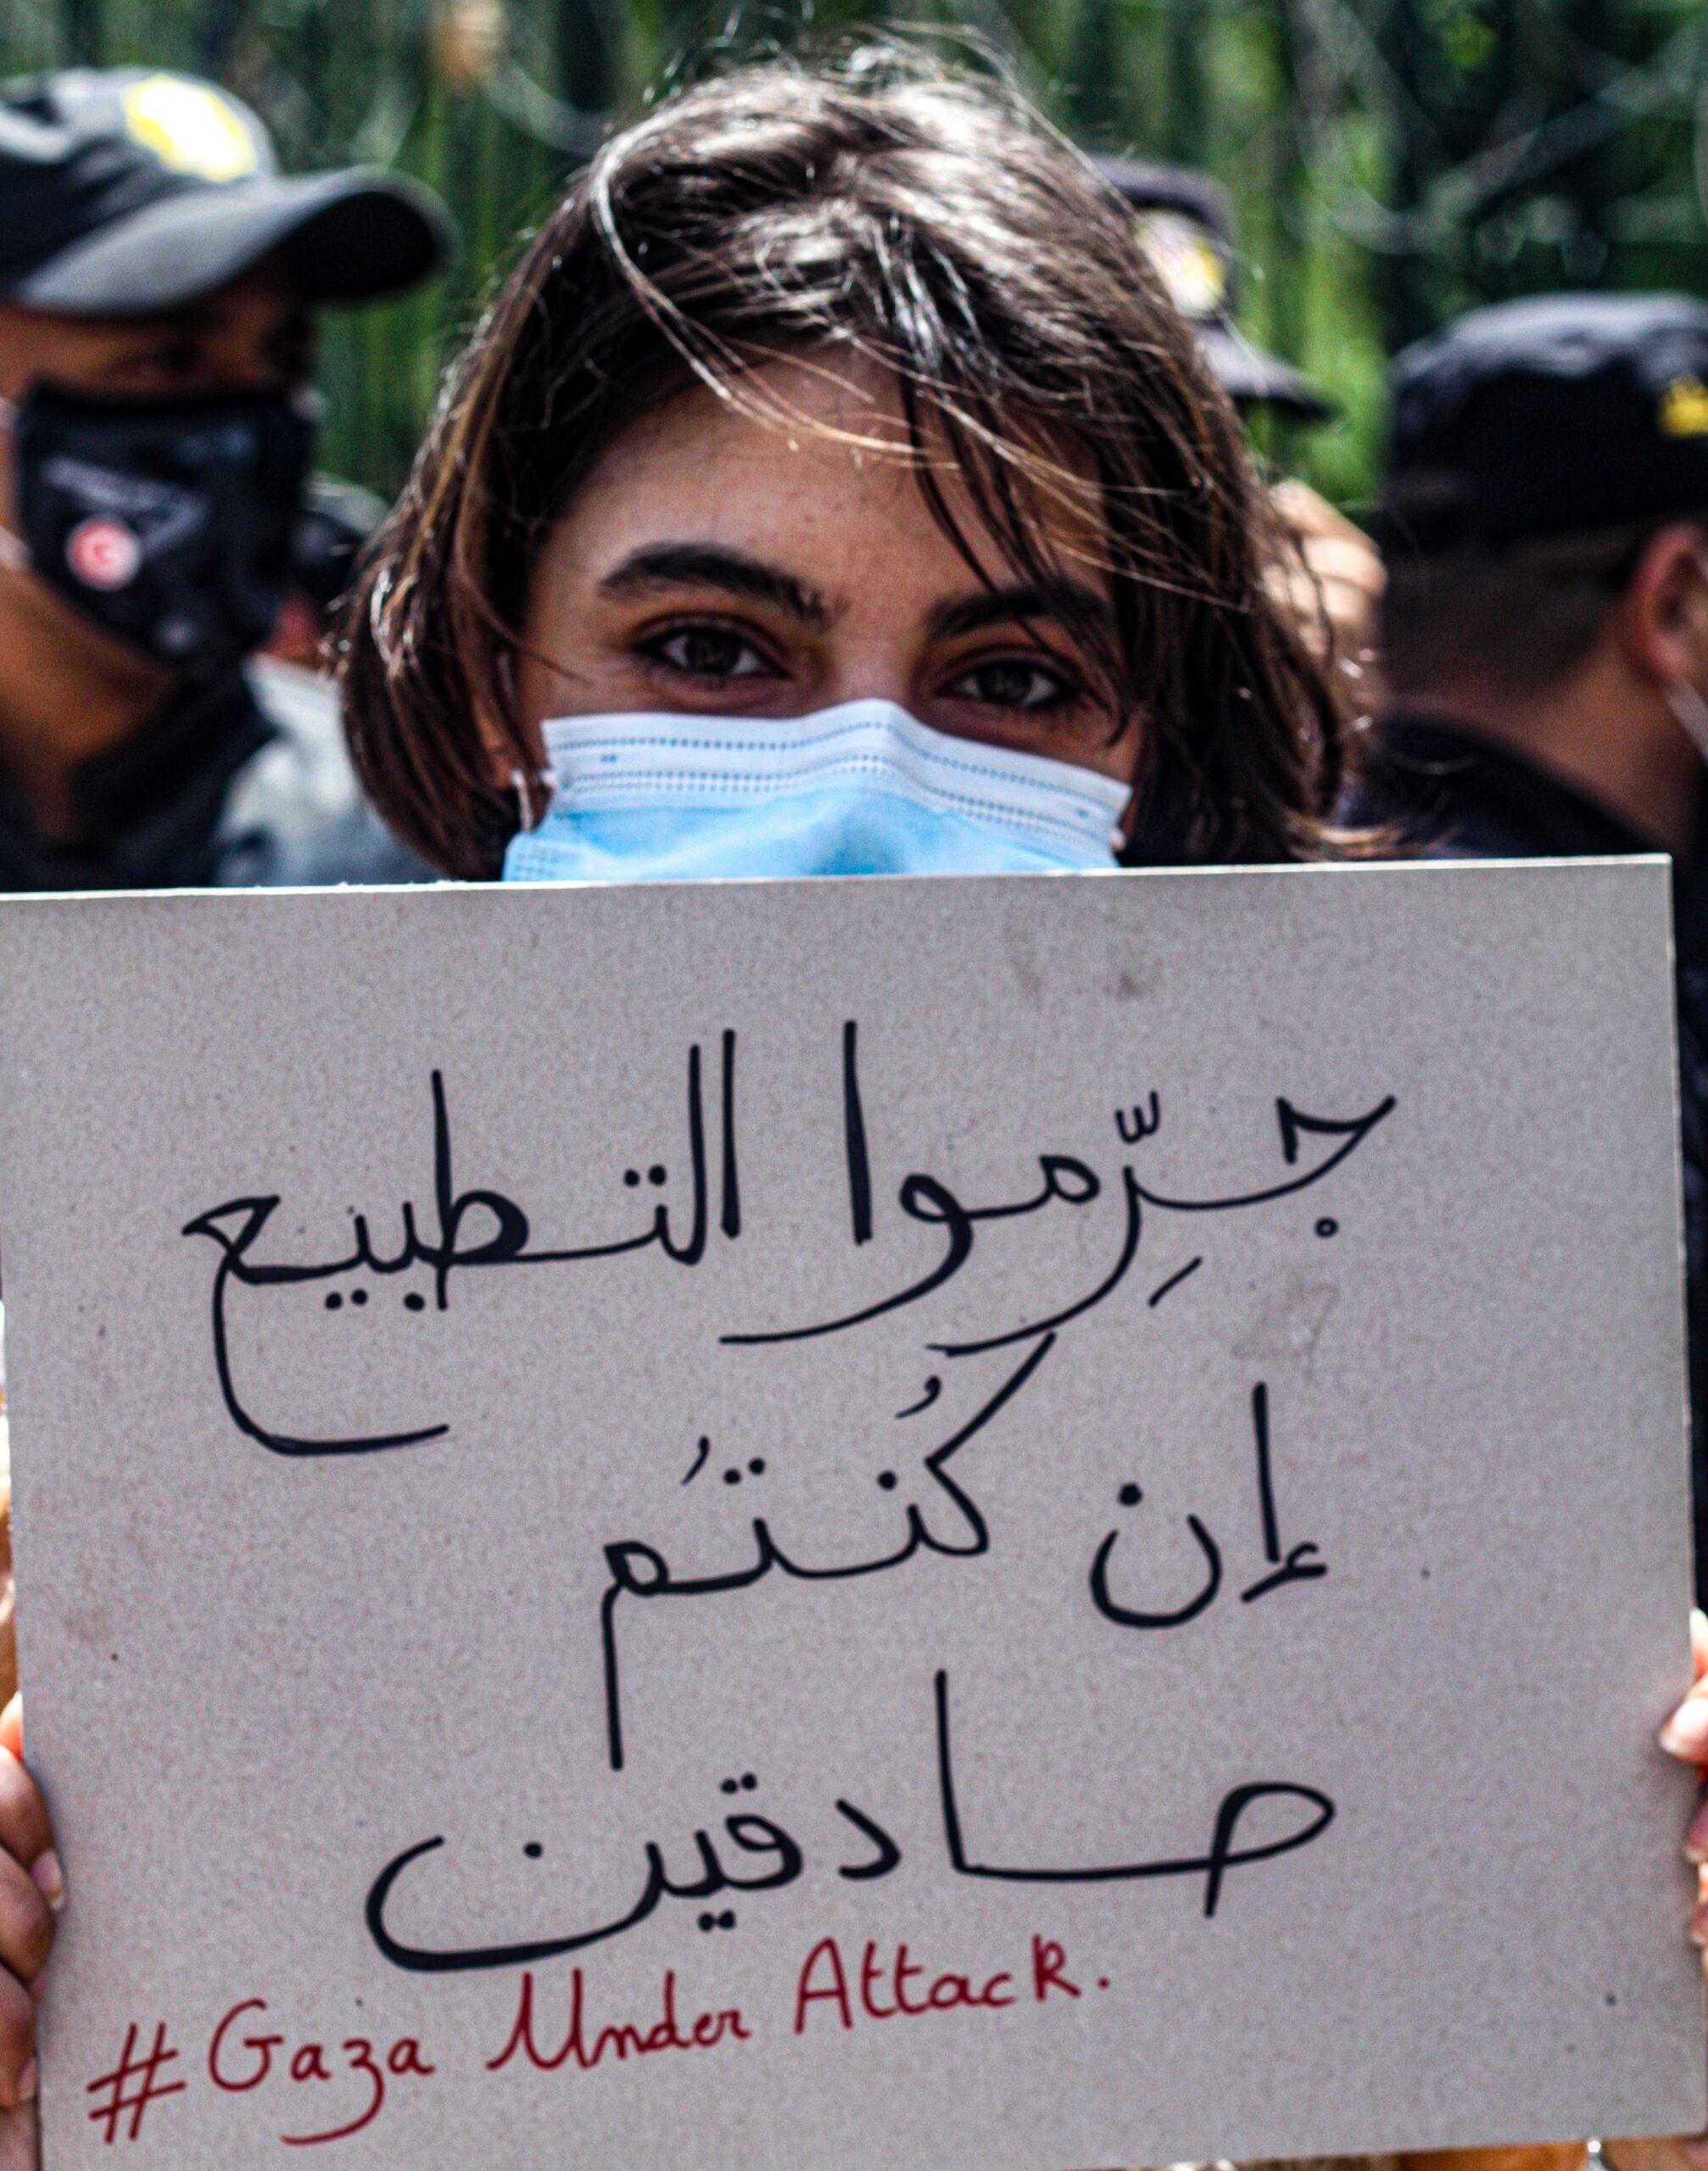 تجريم التطبيع في تونس: معركة سيادية مُحاصَرة بهشاشة النص والموقف